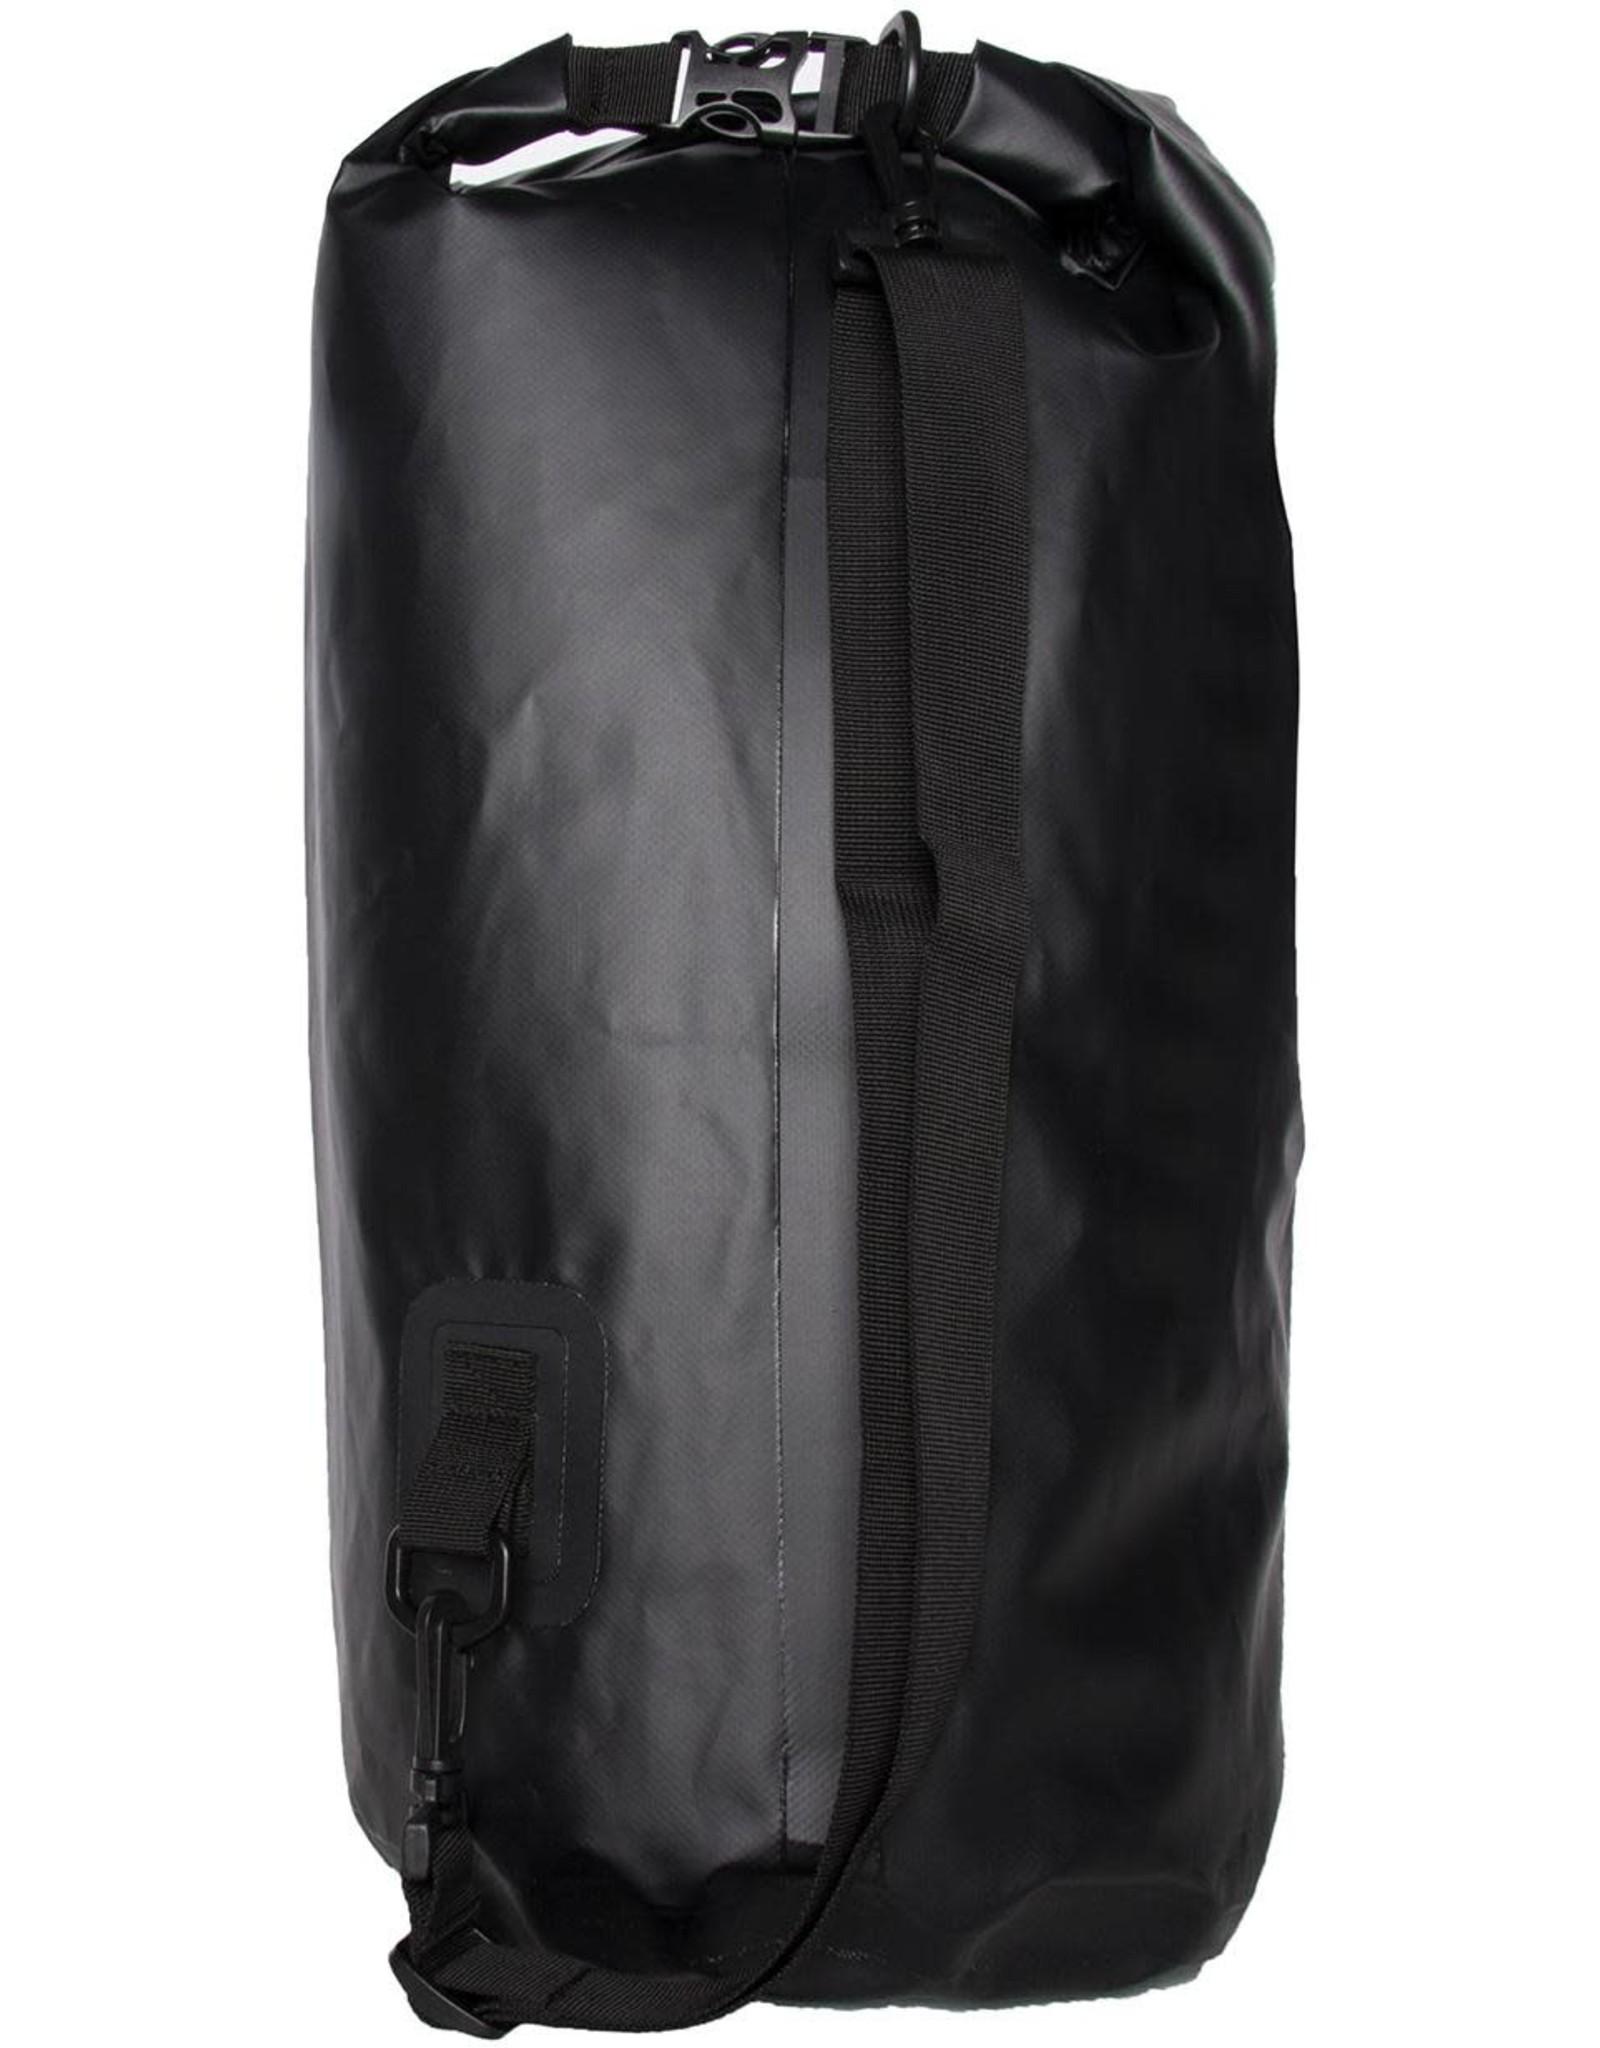 SISSTR Sisstr Nomader What Wet/Dry Bag